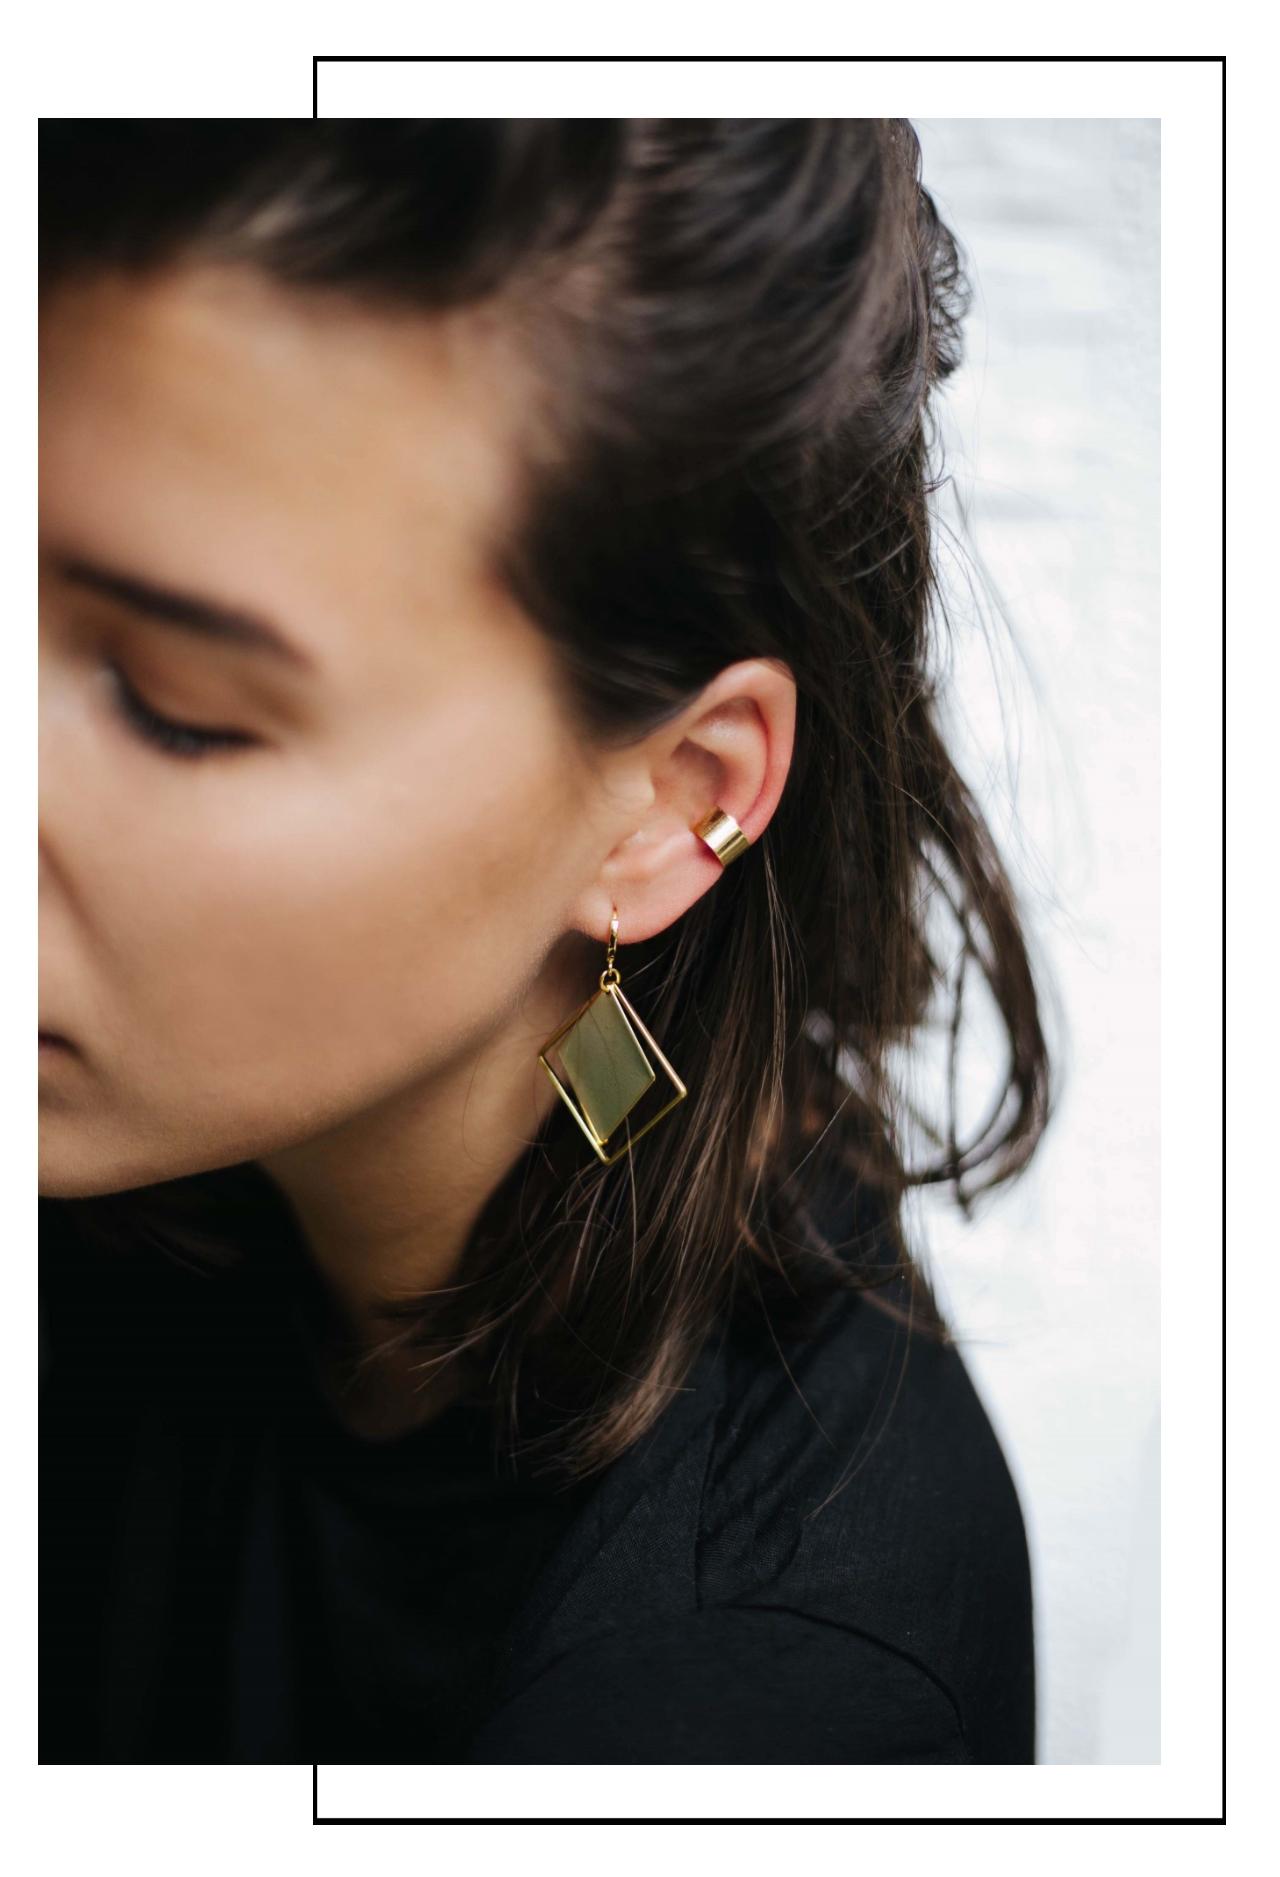 Ohrringe ohne Ohrlöcher Madeleine Issing